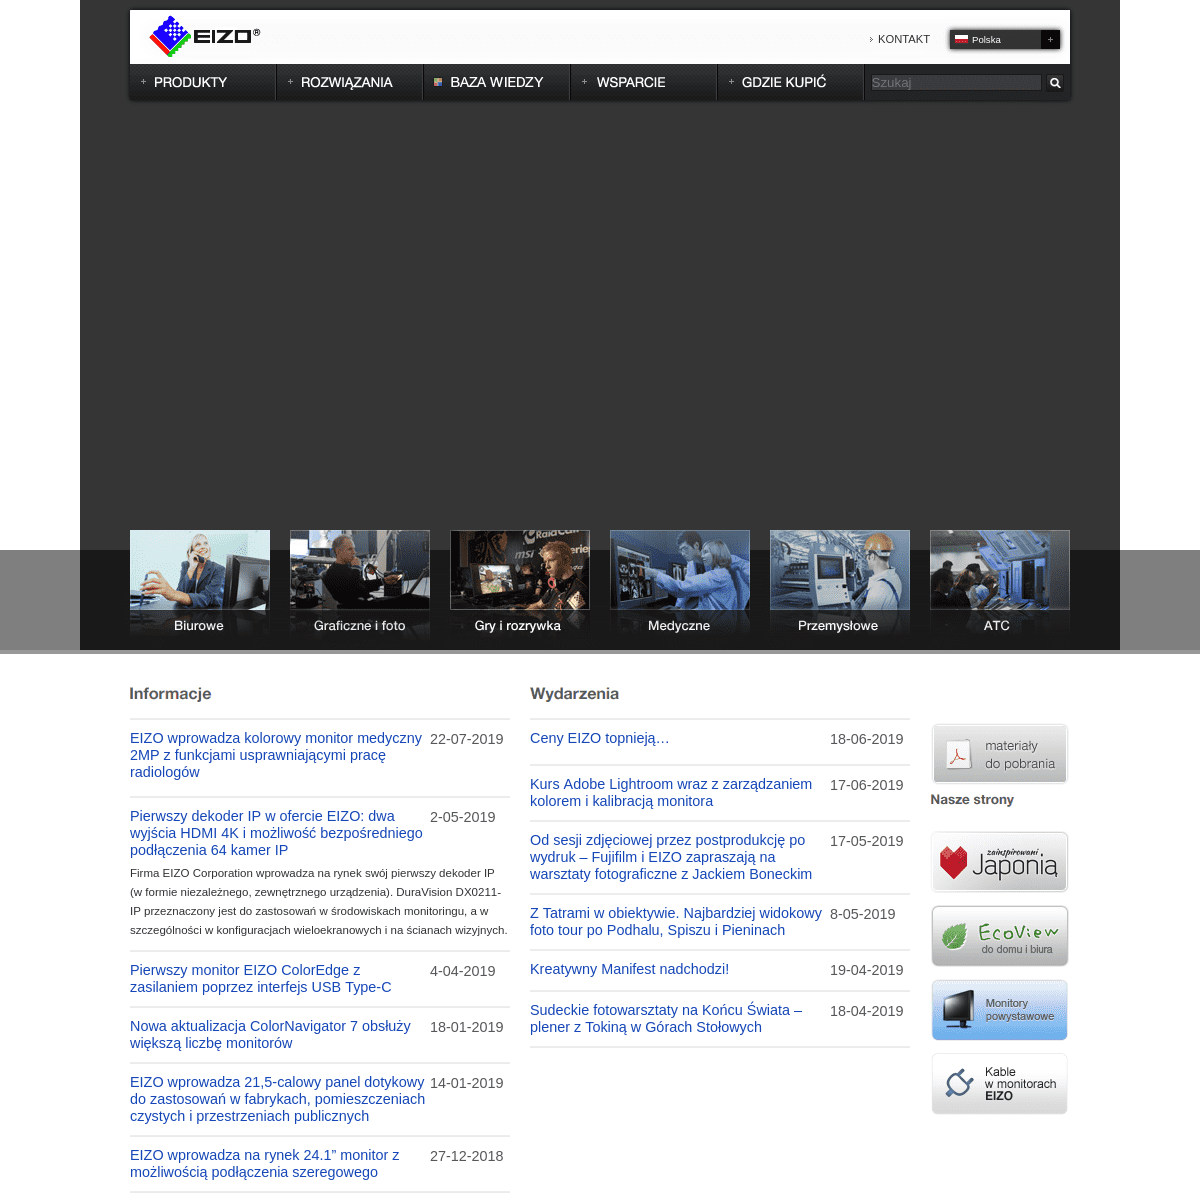 EIZO Polska - Oficjalna strona